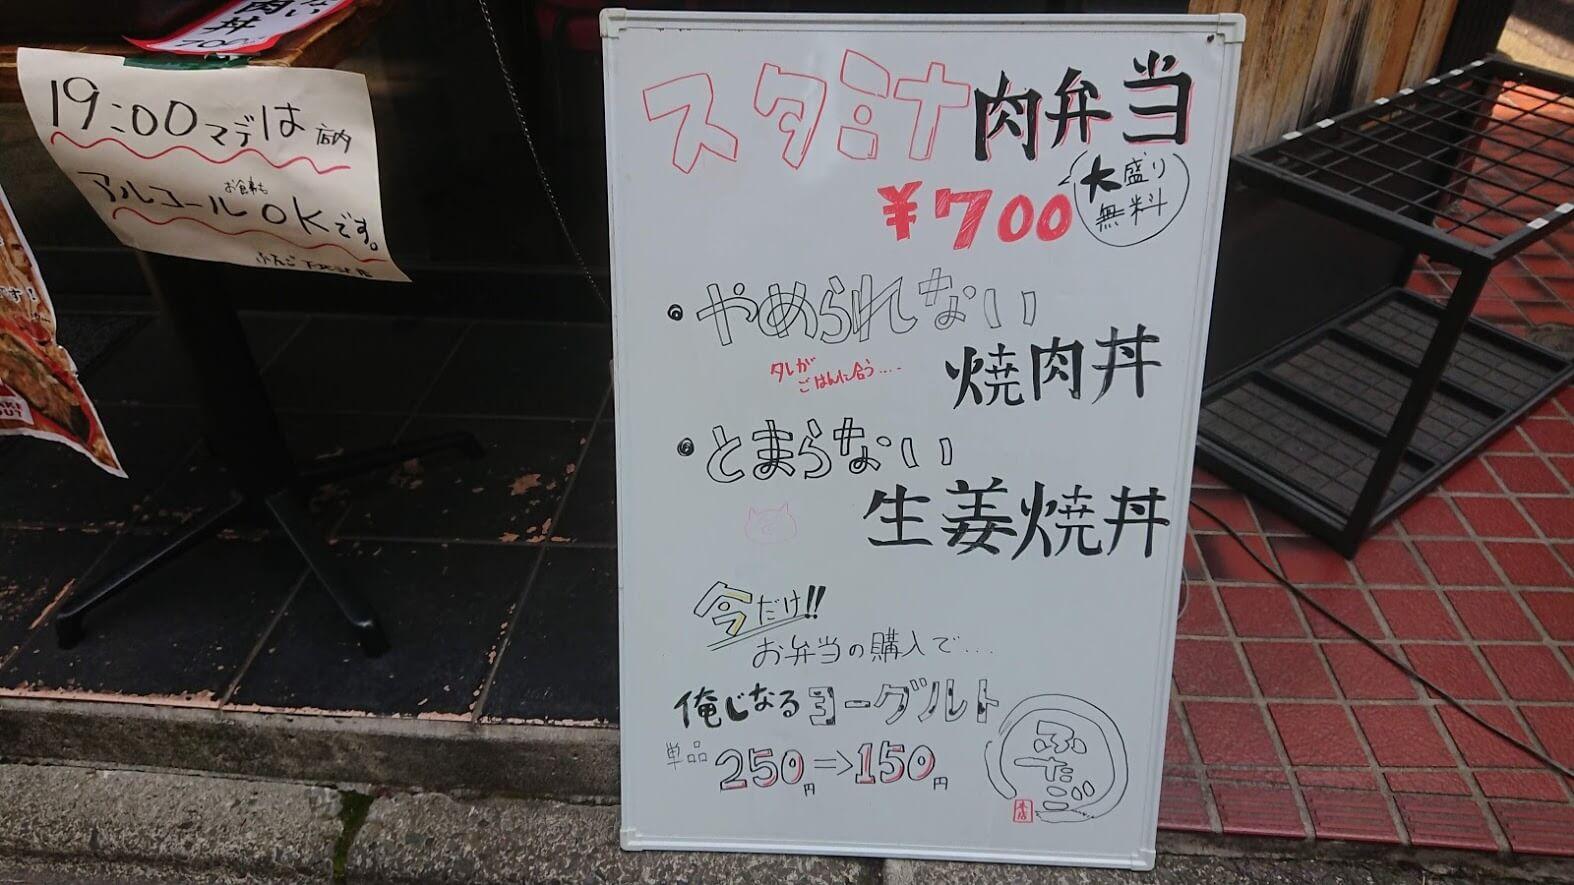 大阪焼肉・ホルモン ふたご 下北沢店 テイクアウト写真